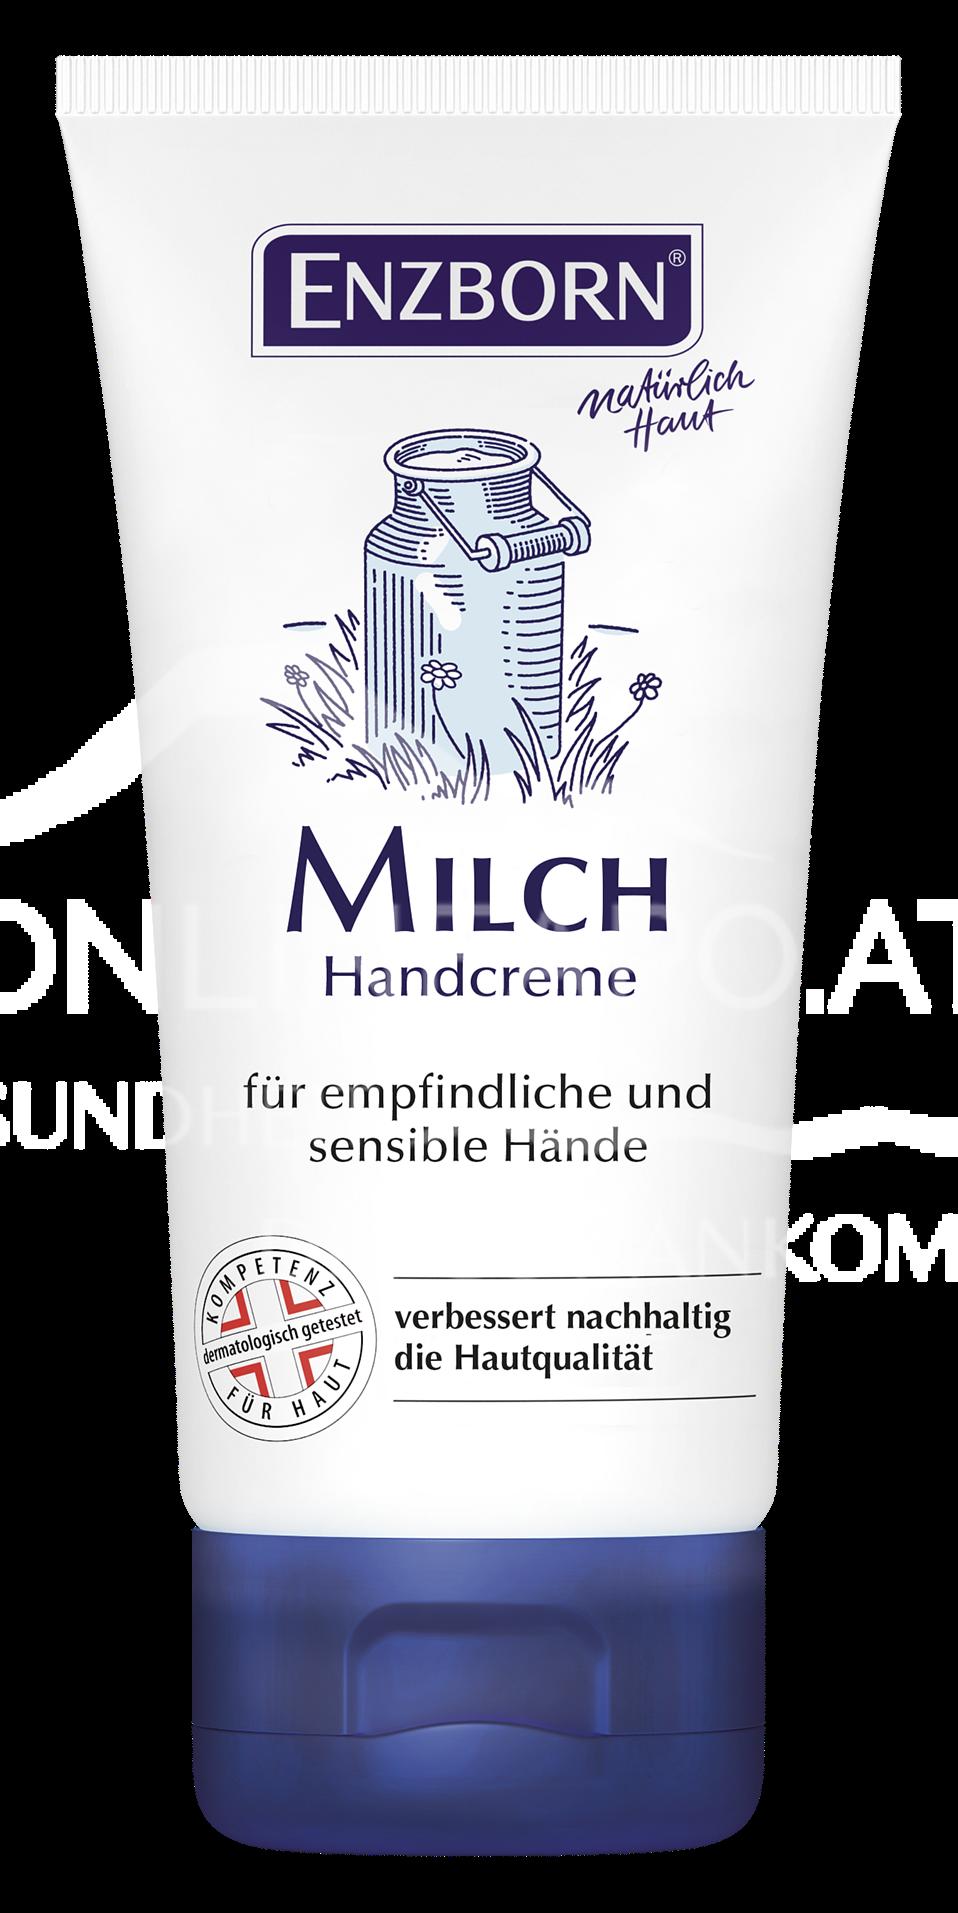 Enzborn Milch Handcreme